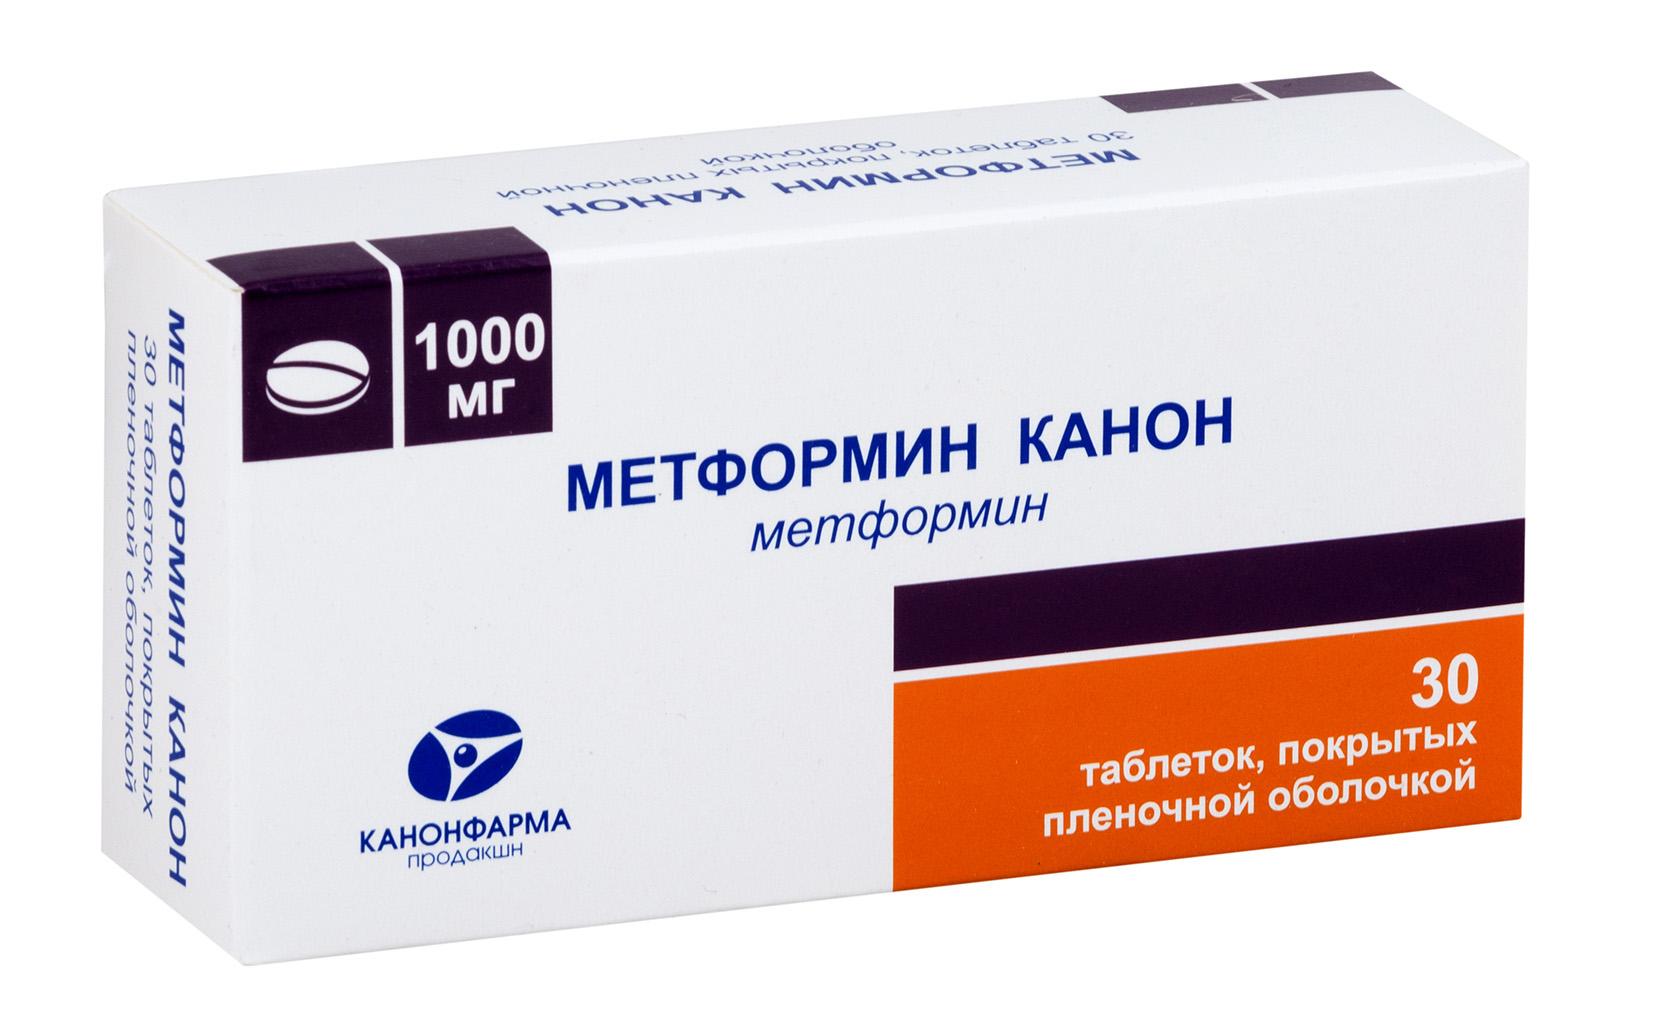 Метформин канон таб. п.п.о. 1000мг n30